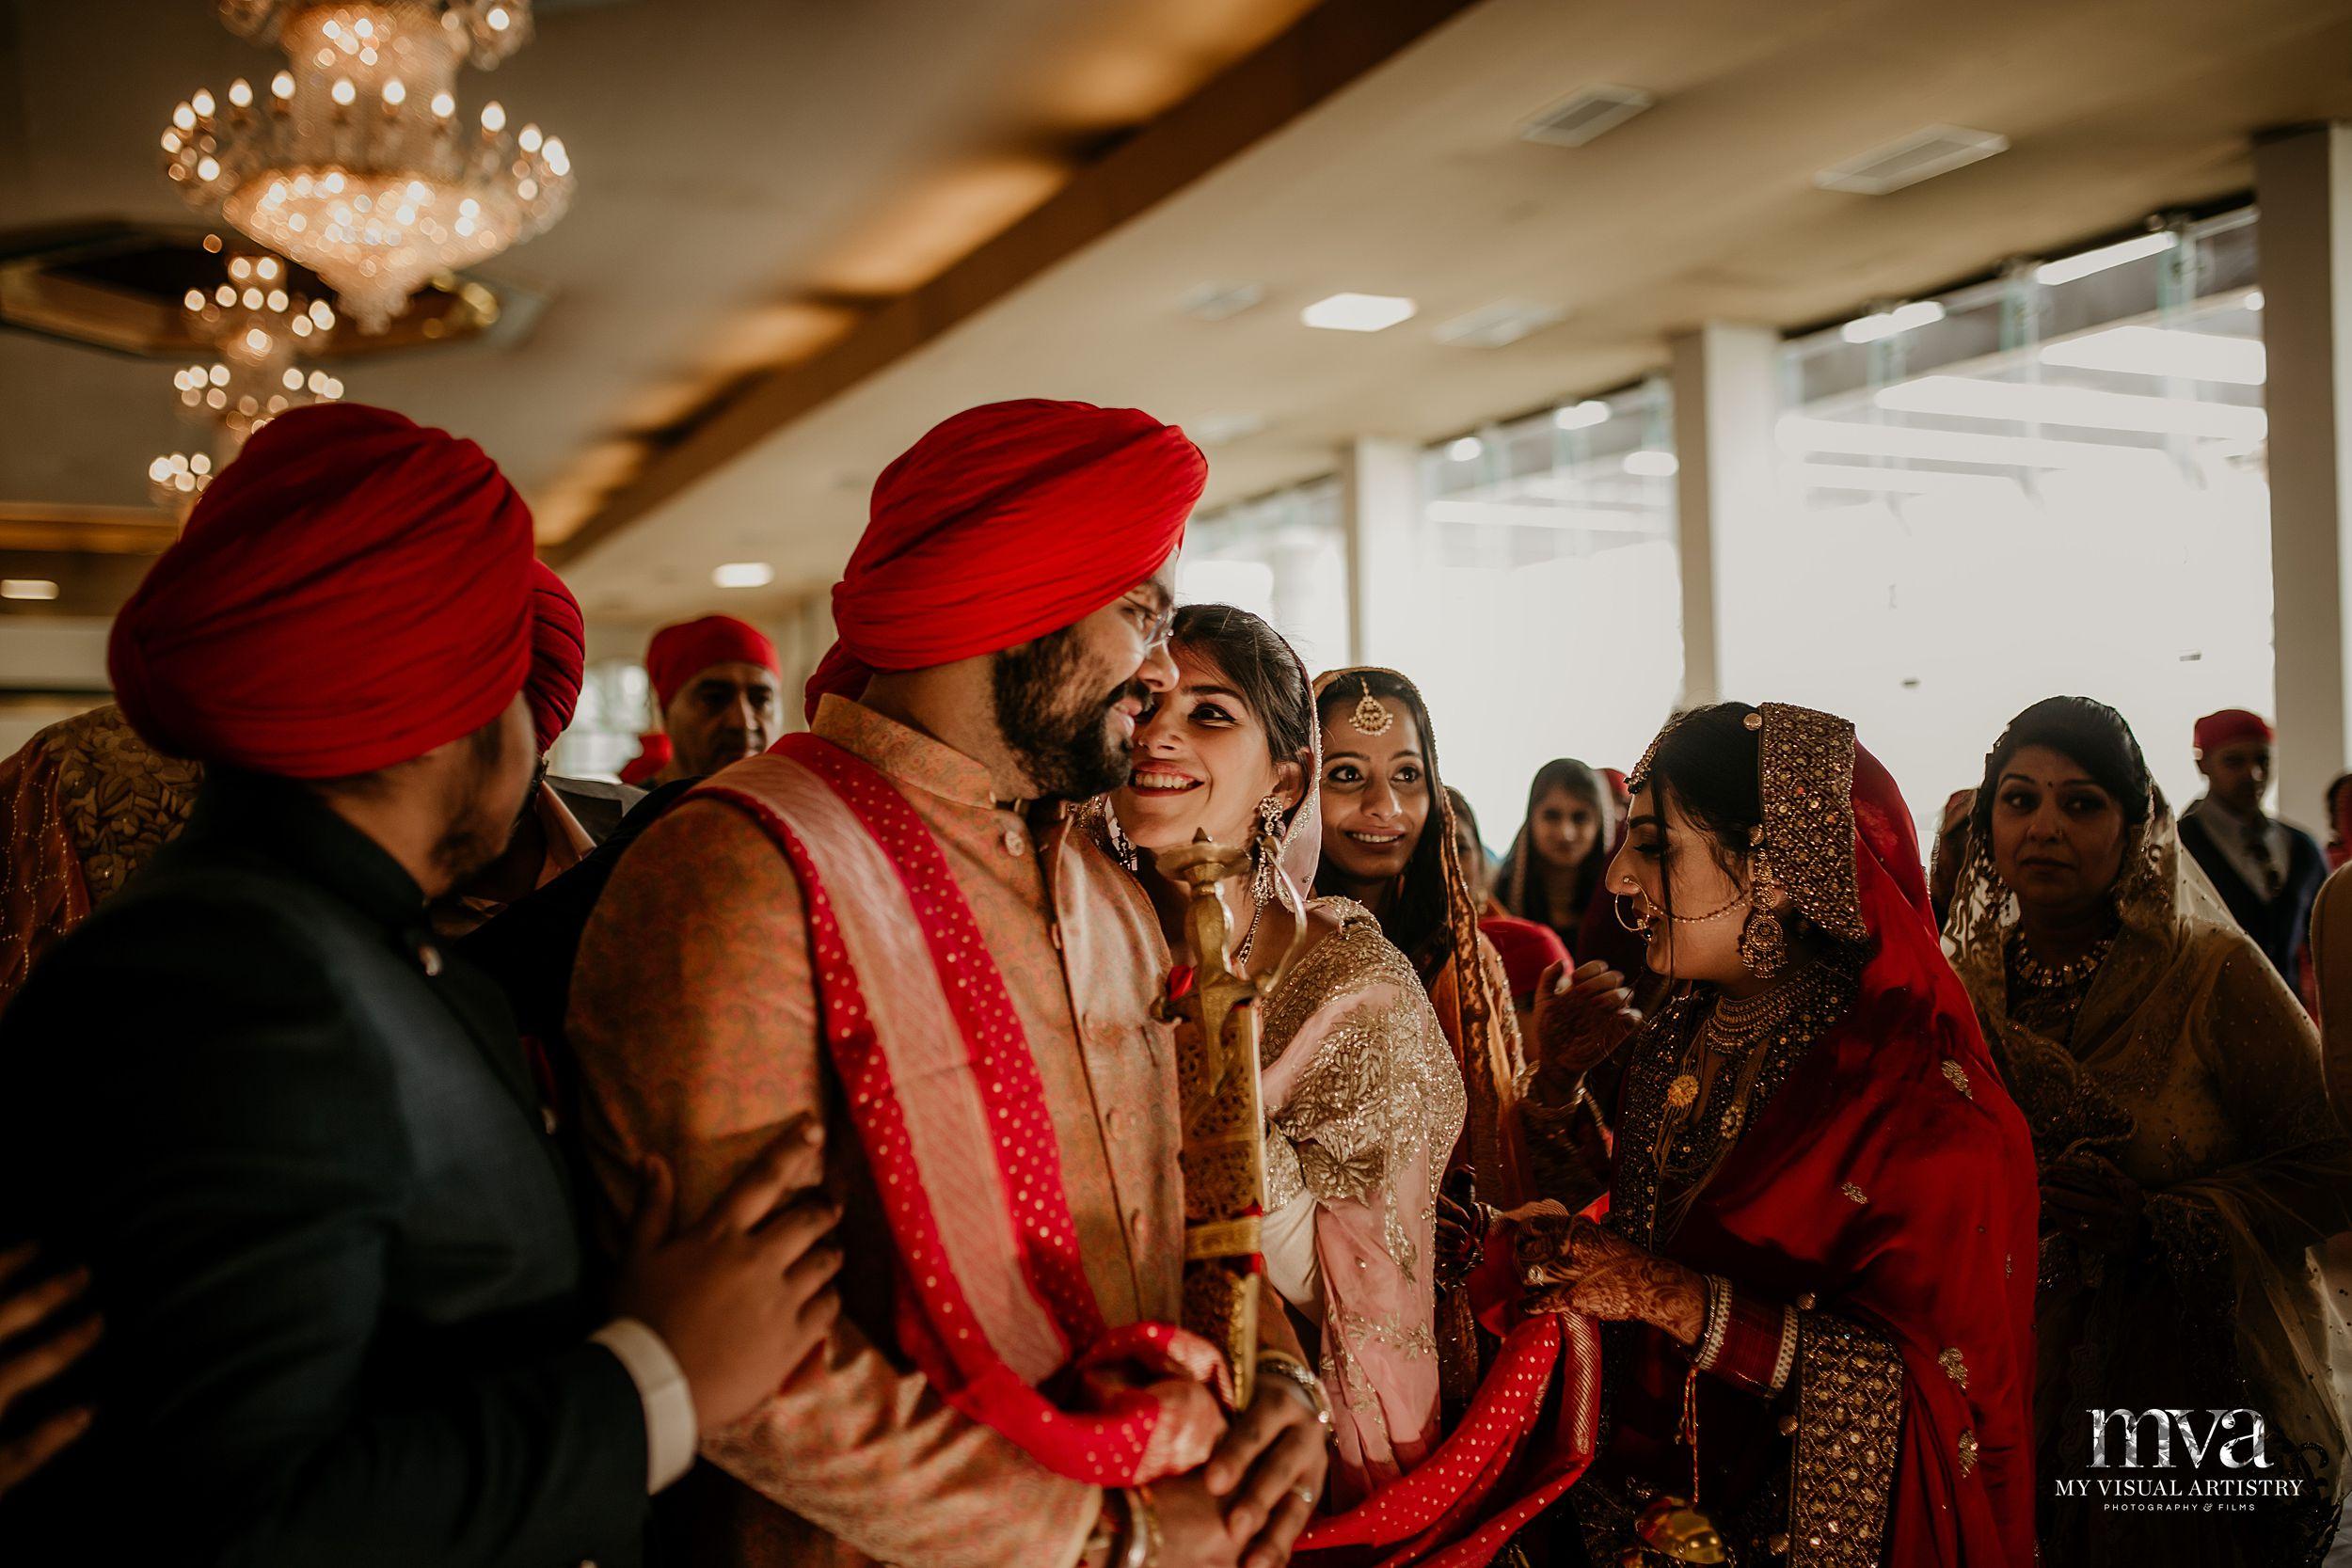 anant_arundhati_myvisualartistry_mva_wedding_sikh_ - 343.jpg